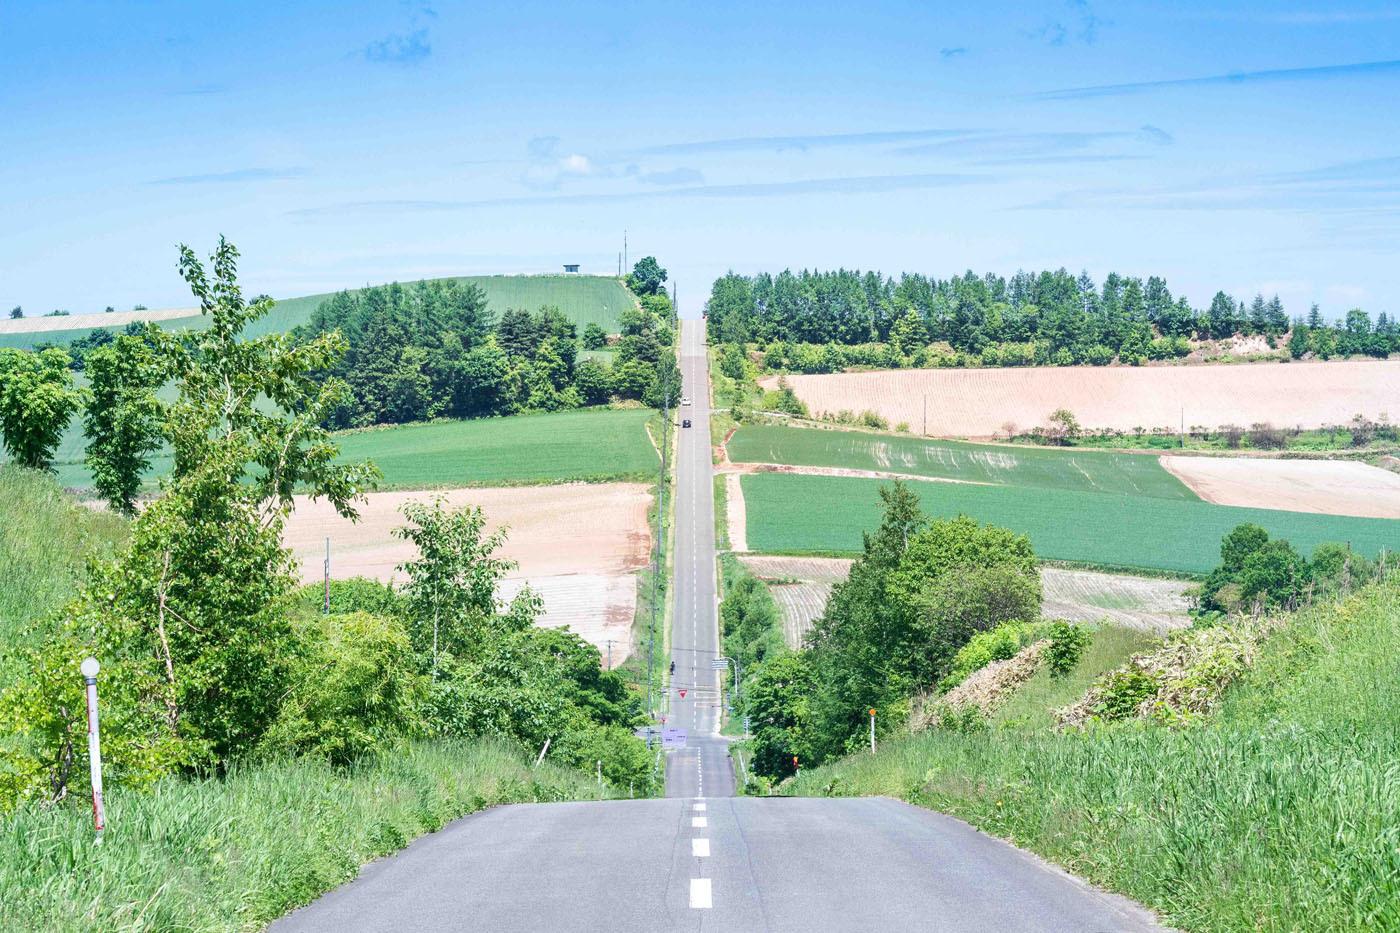 地平線まで走ってゆきたくなる道、ぜひ愛車と走りたい!